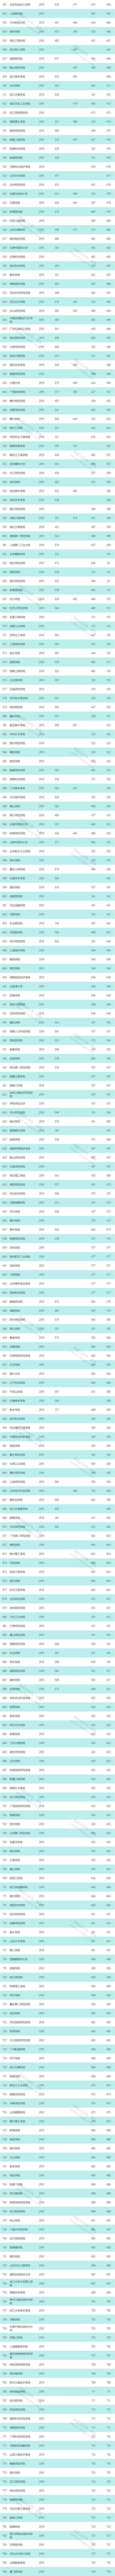 2019三大<a href=http://www.555edu.com/school/ target=_blank class=infotextkey>高校</a>排行榜全部揭晓!近千所大学综合排名出炉!